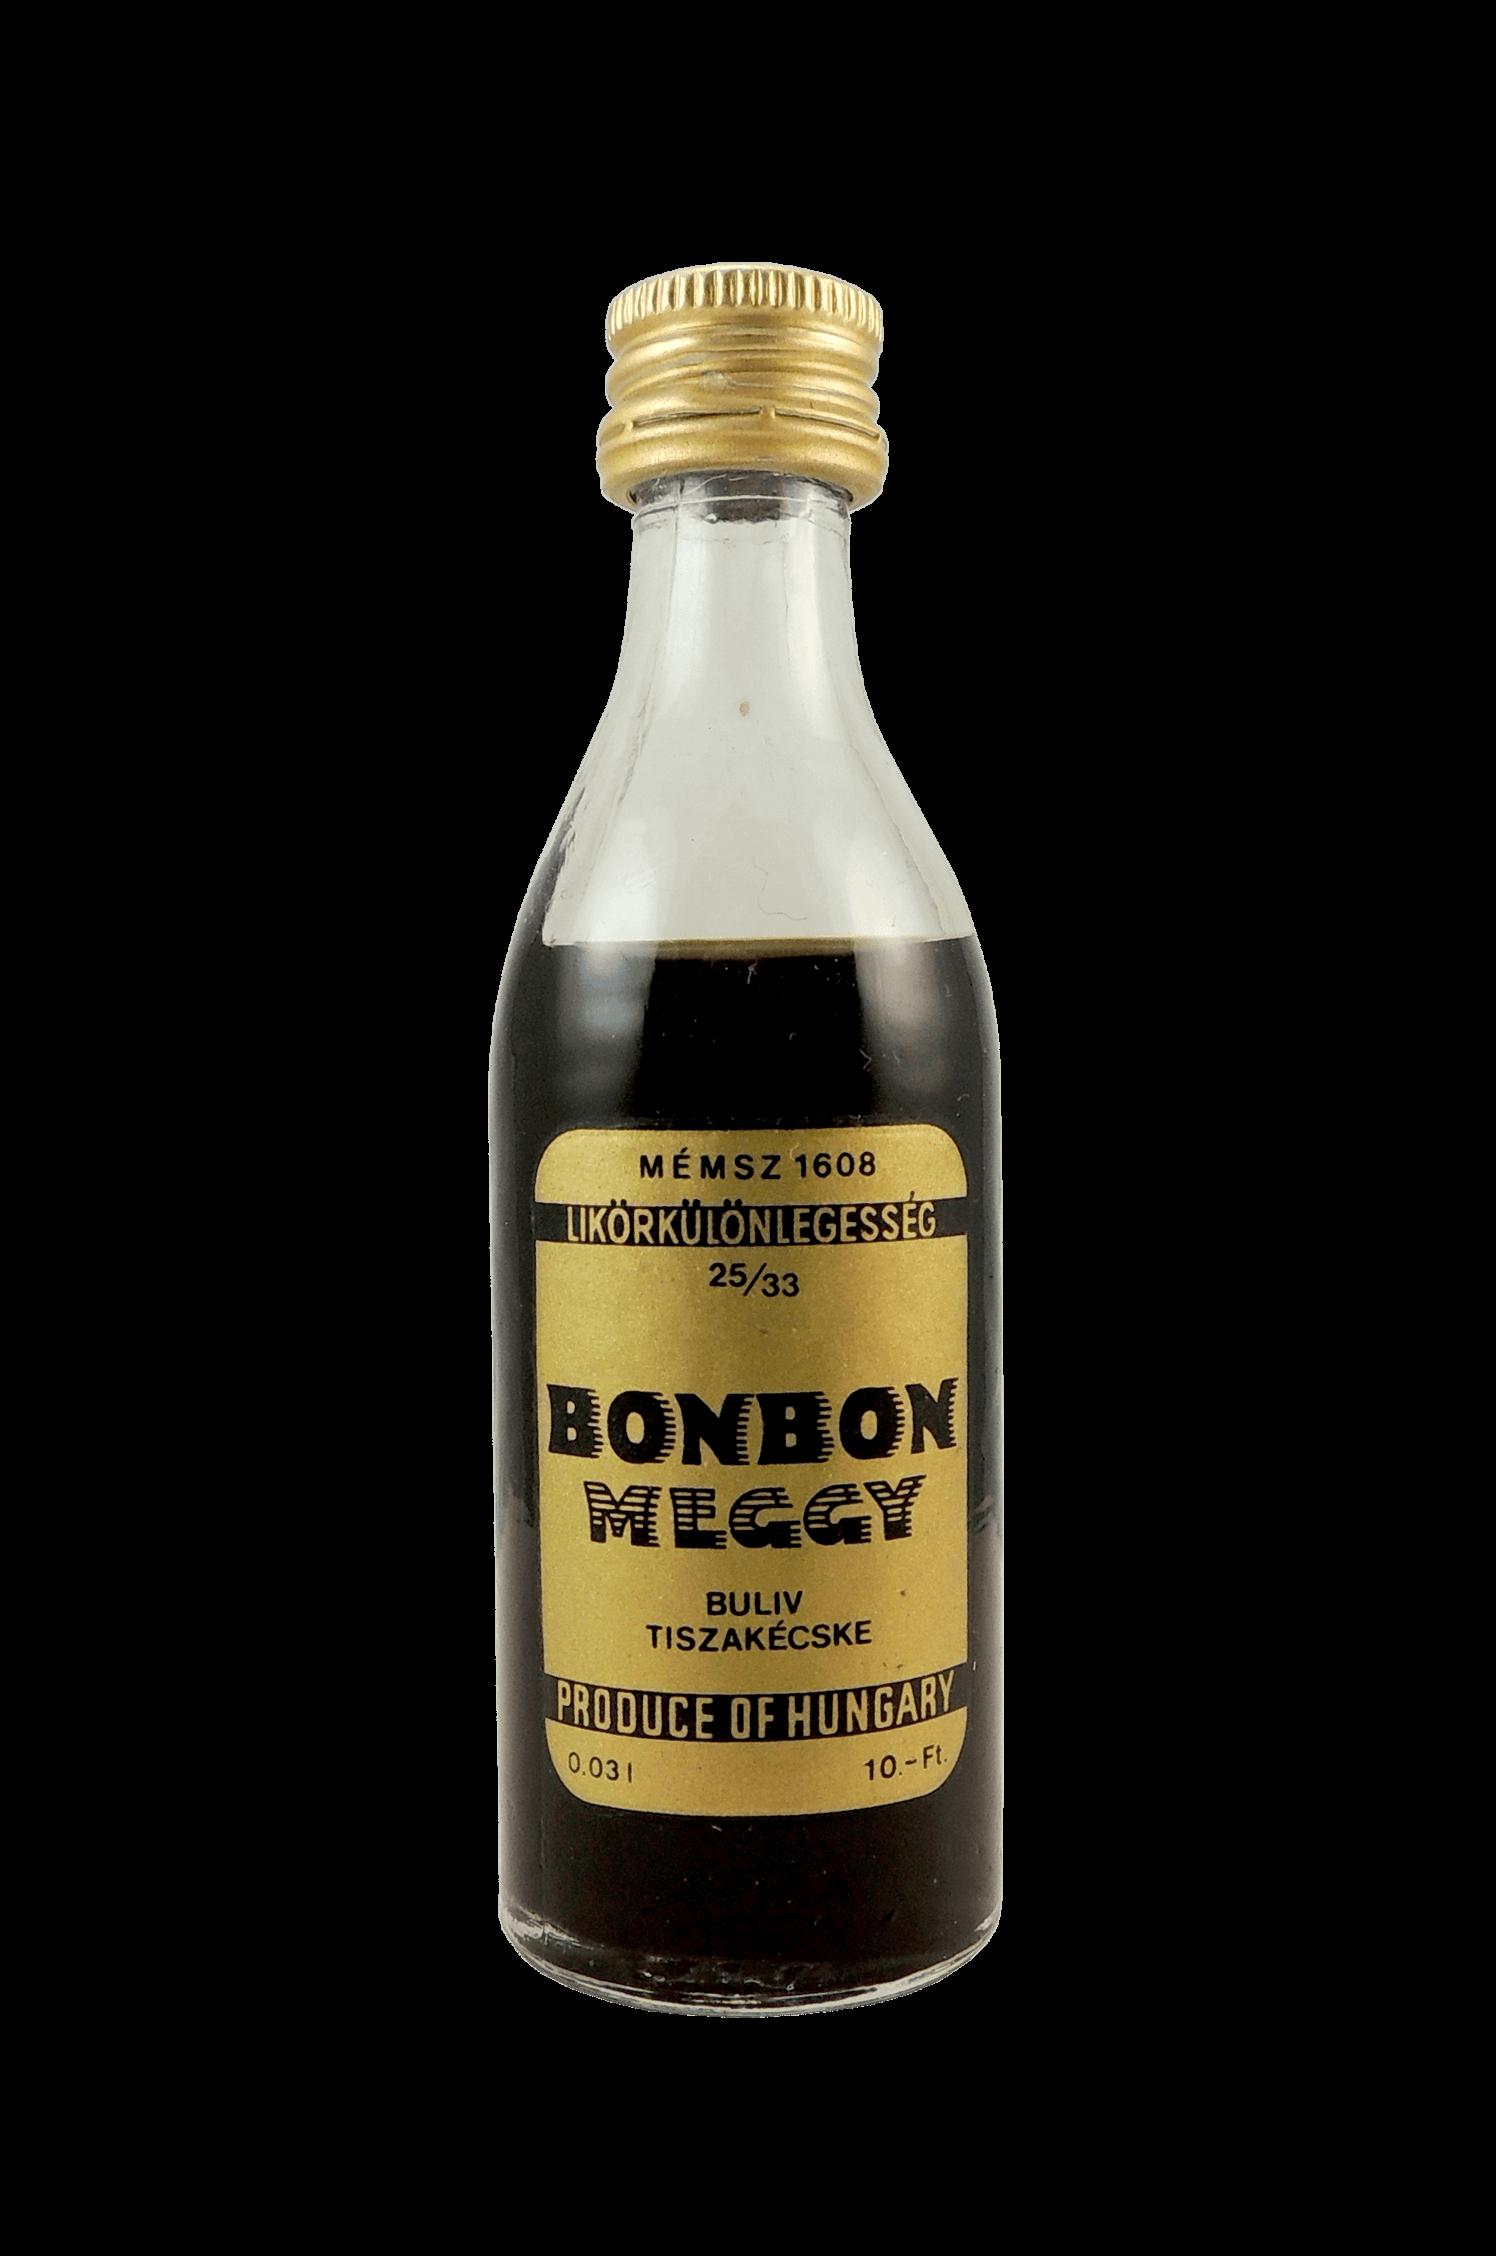 Bonbon Meggy